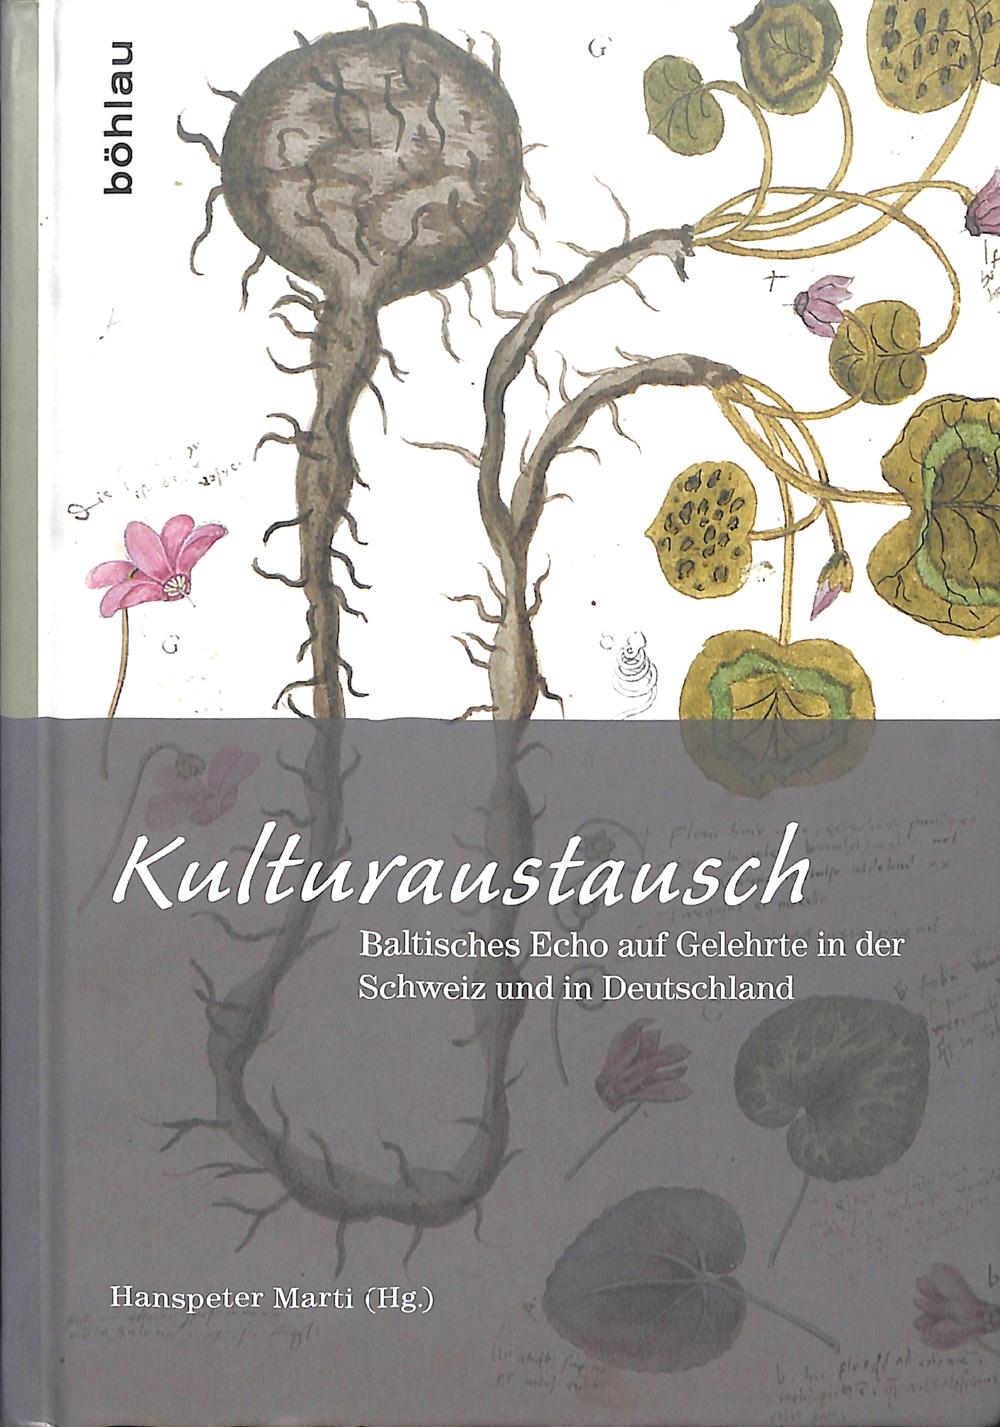 Kulturaustausch. Baltisches Echo auf Gelehrte in der Schweiz und in Deutschland. Freundesgabe für Arvo Tering.